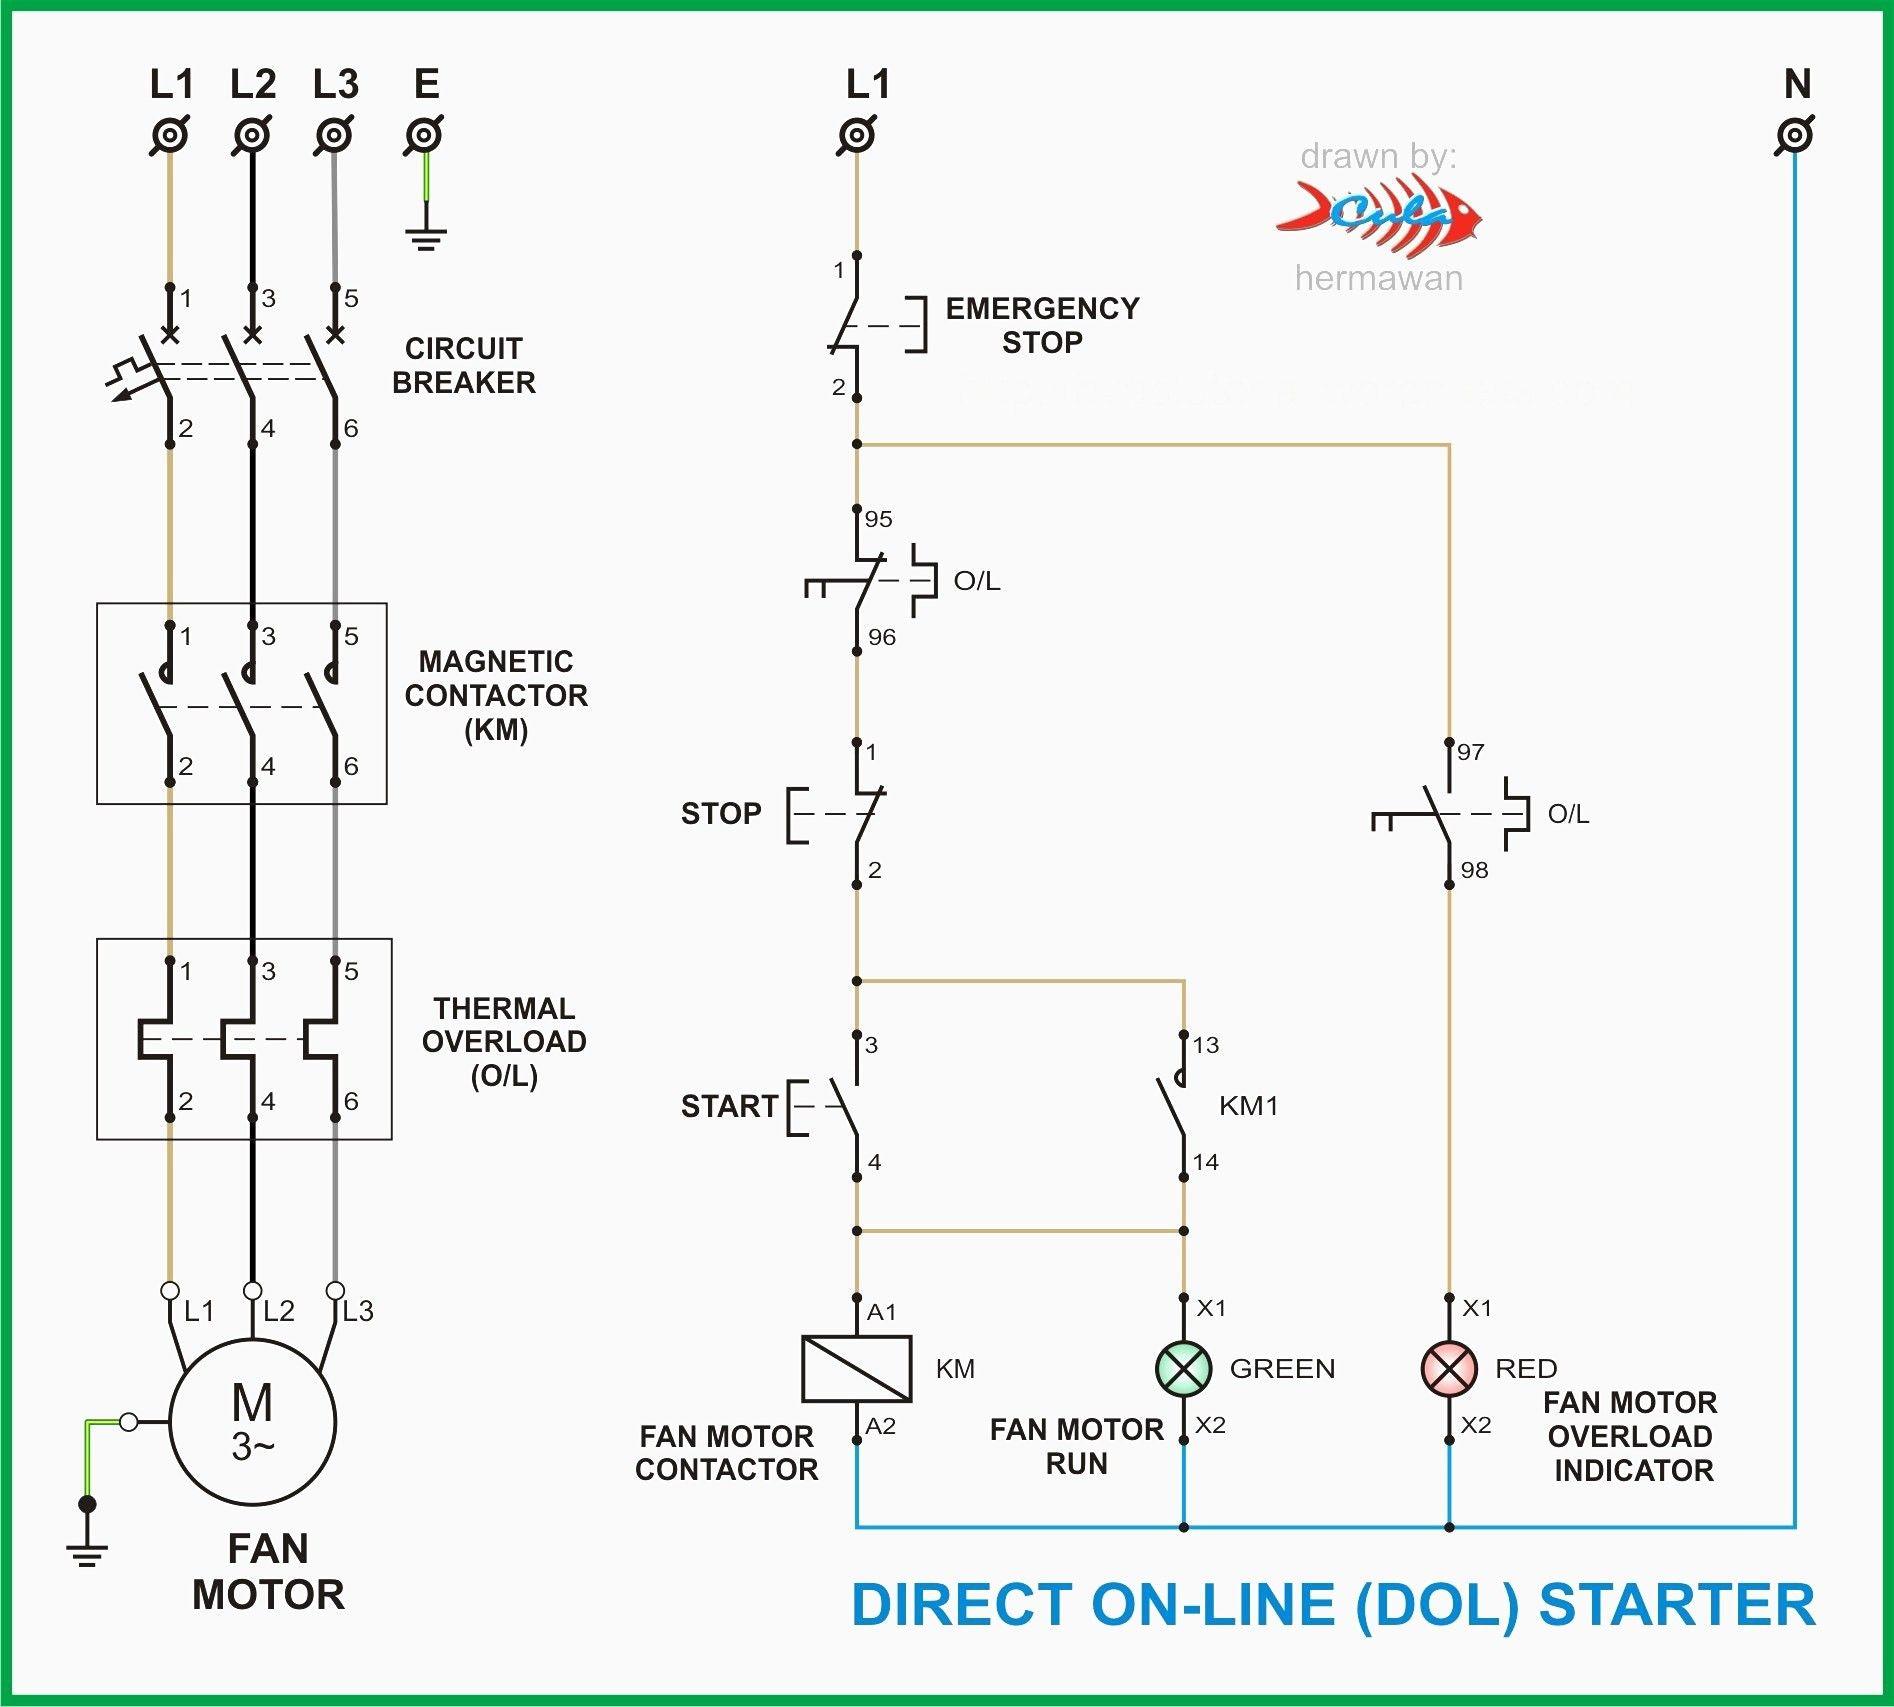 Diagram Vb 2018 Dol Starter Circuit Diagram Download Diagram